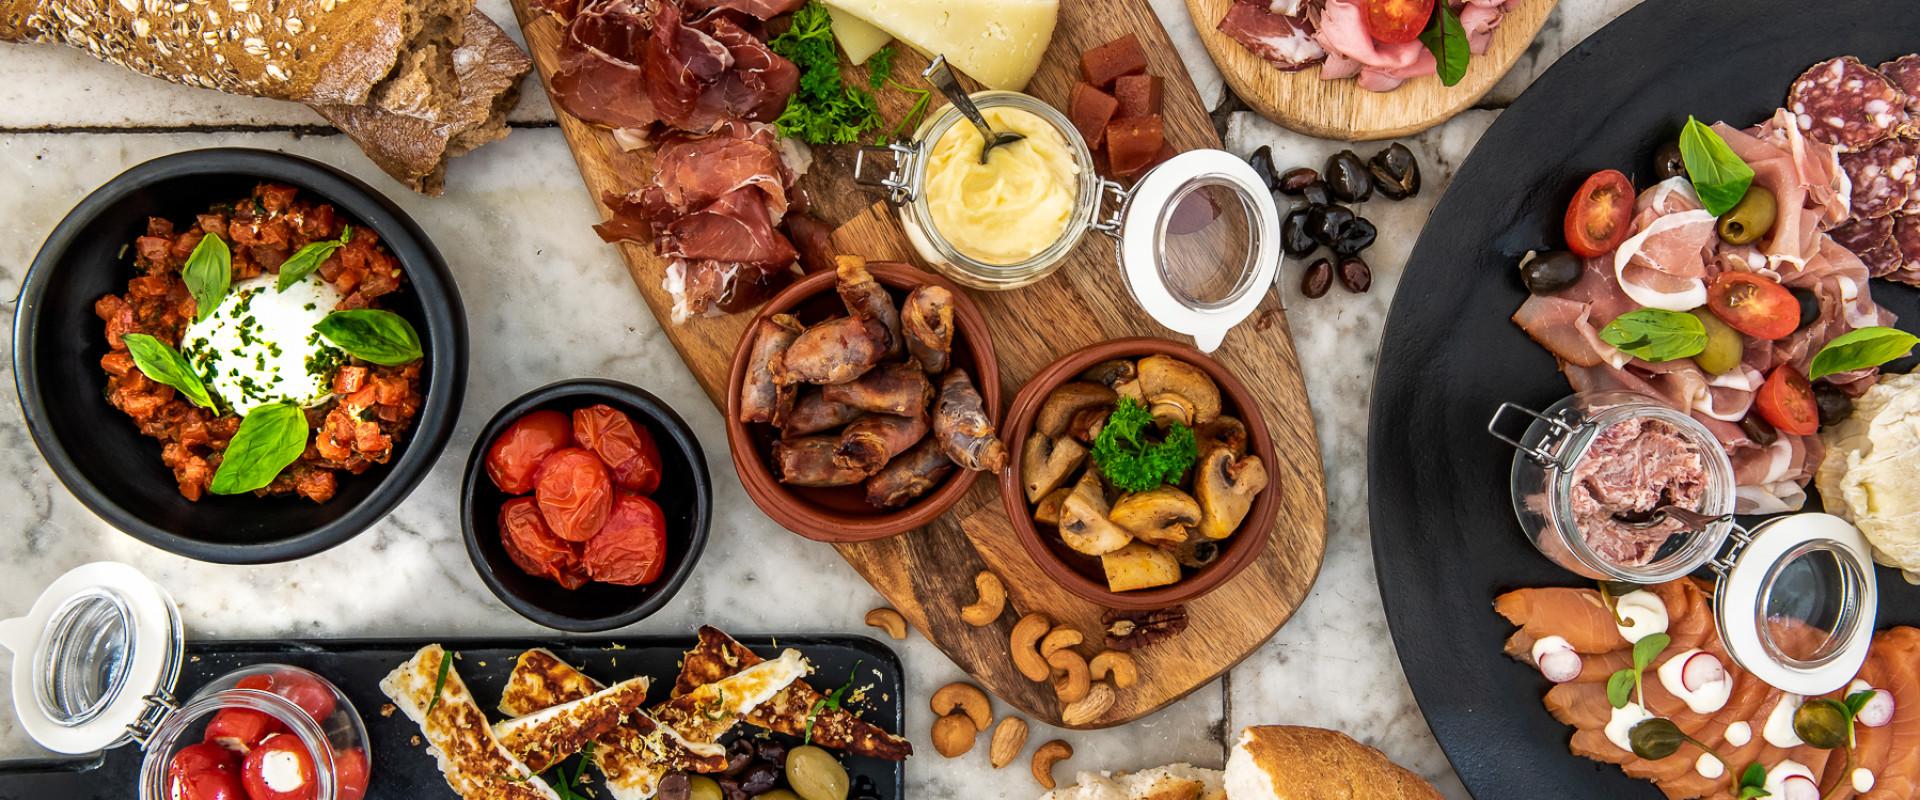 5 tips over het aanbod van eten en drinken op jouw locatie